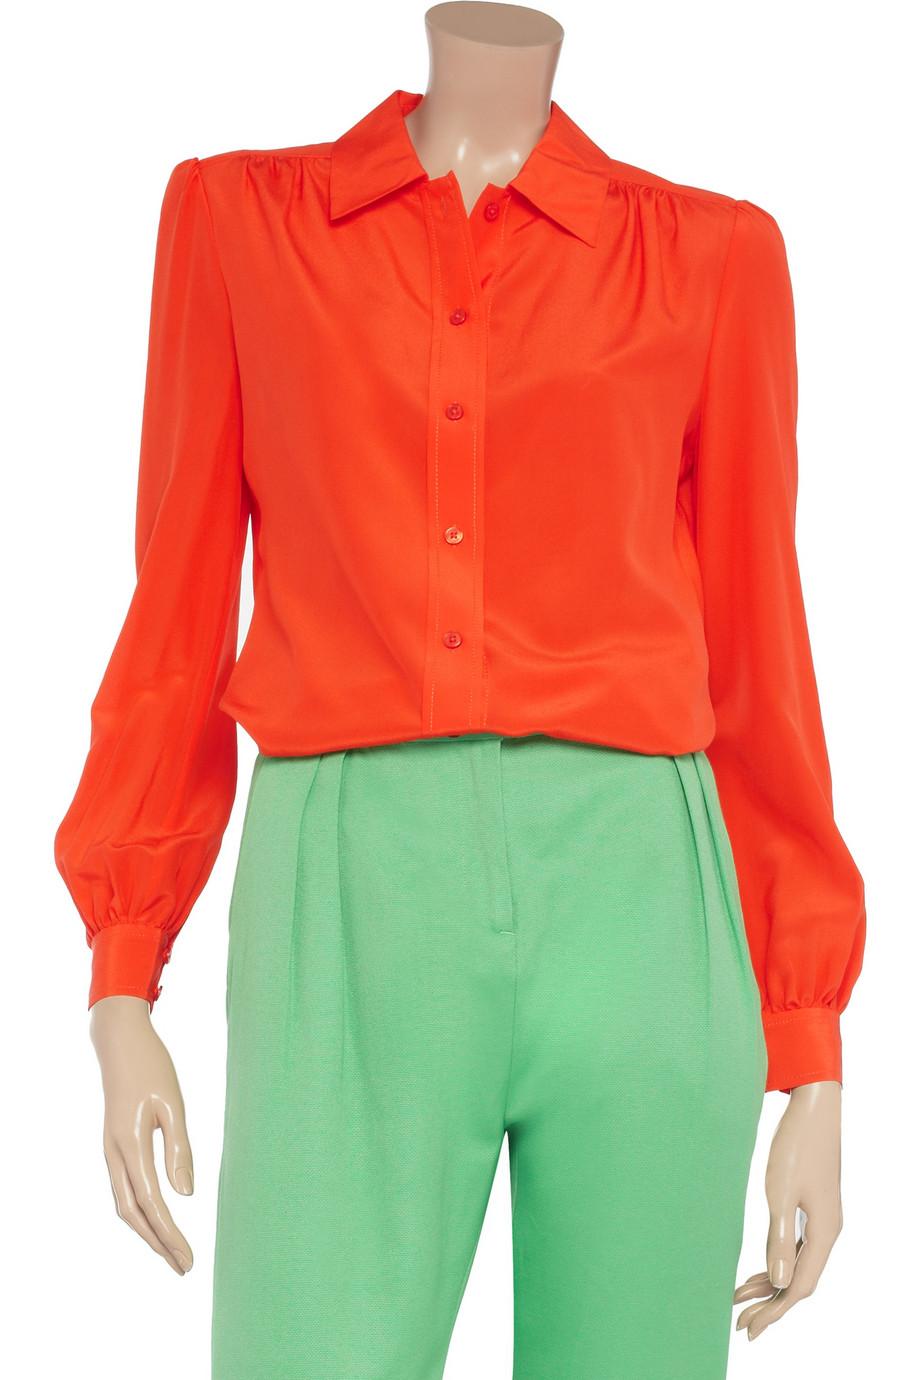 c57827b03338a Lyst - Tory Burch Angelique Silk Shirt in Orange